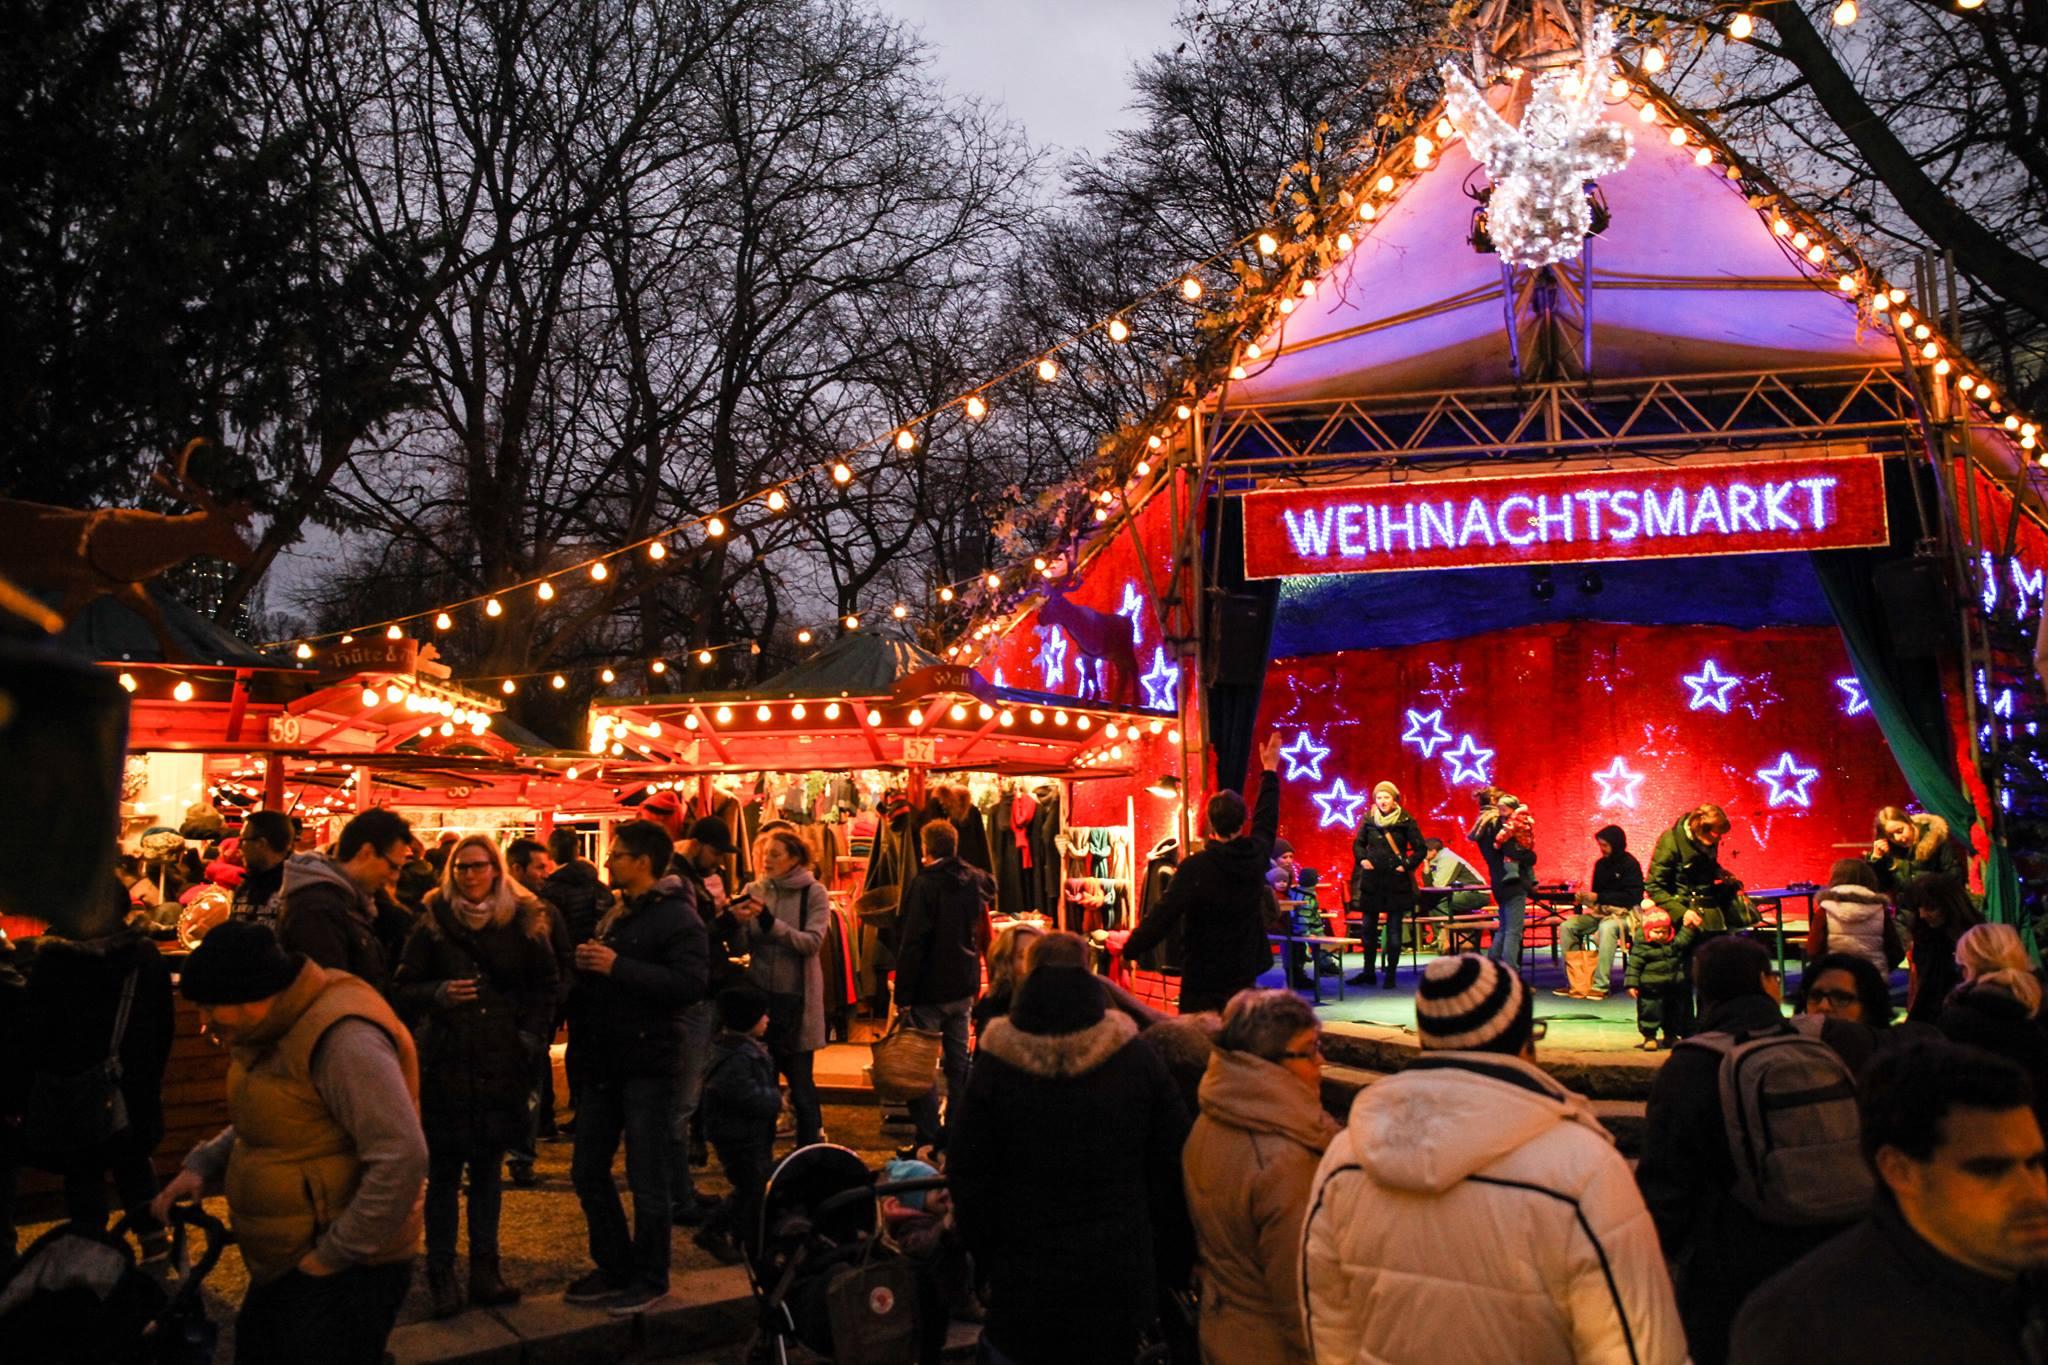 öffnungszeiten Weihnachtsmarkt Köln.Unsere Liebsten Weihnachtsmärkte In Köln 2018